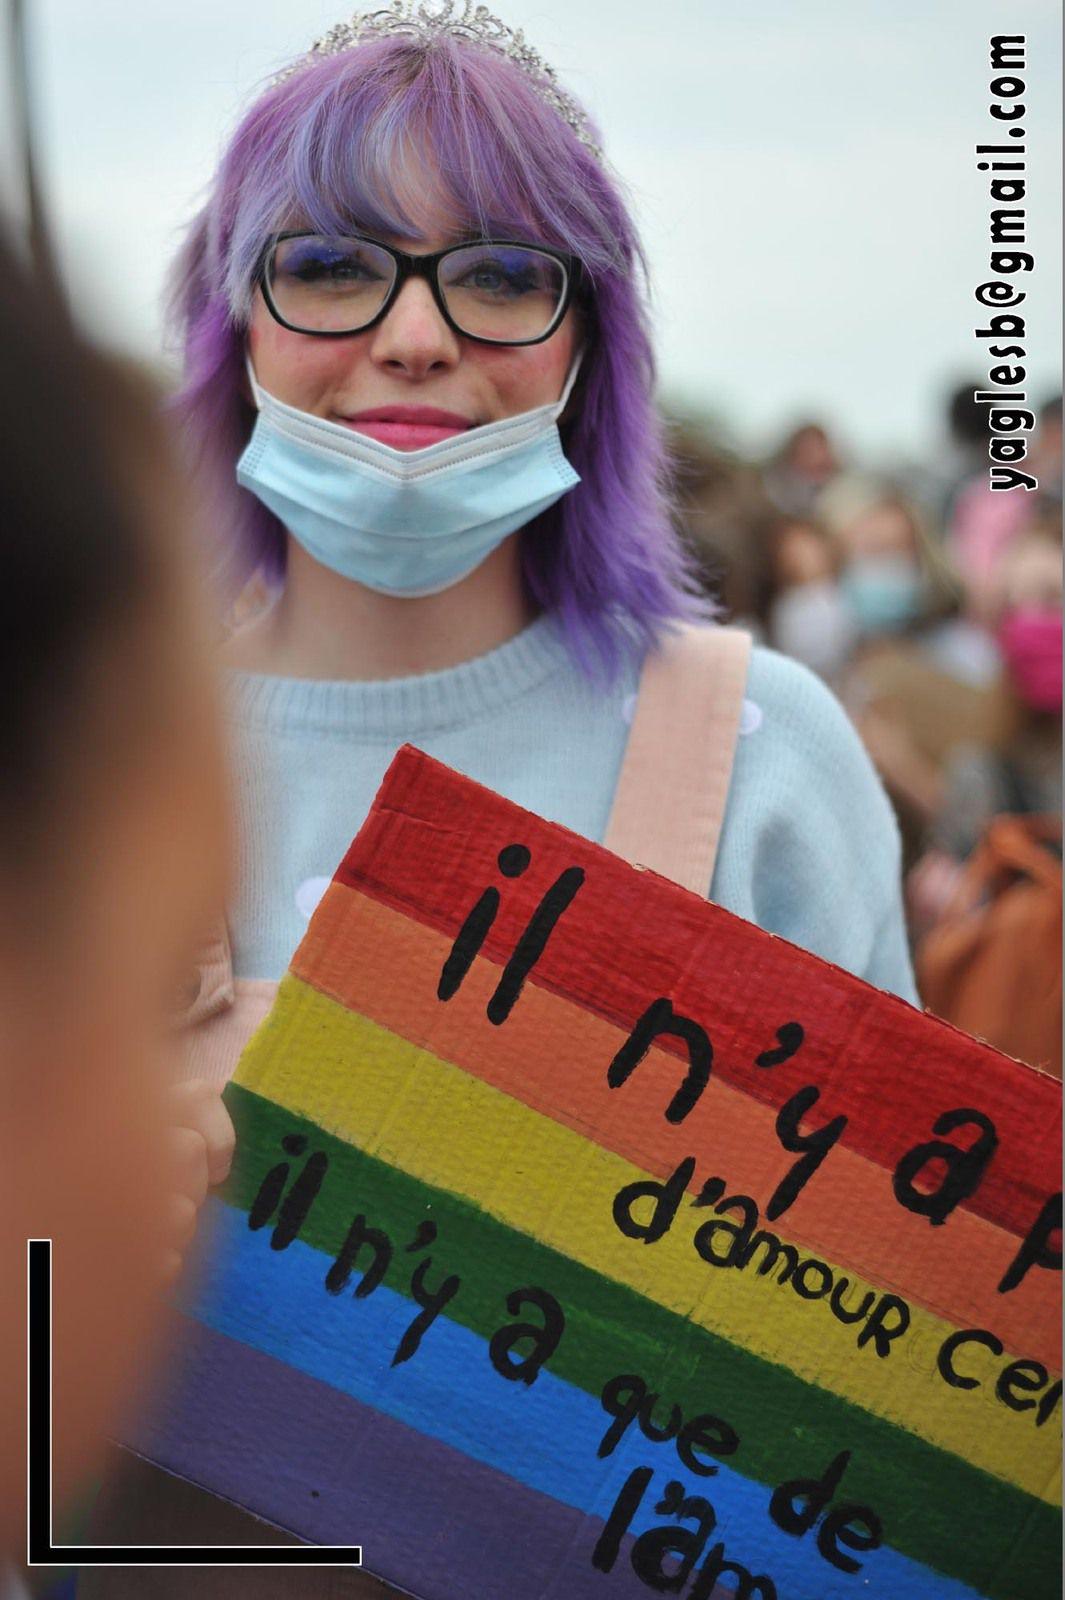 Pride Reims 2021 Marche des fiertés Reims 2021 3 juillet